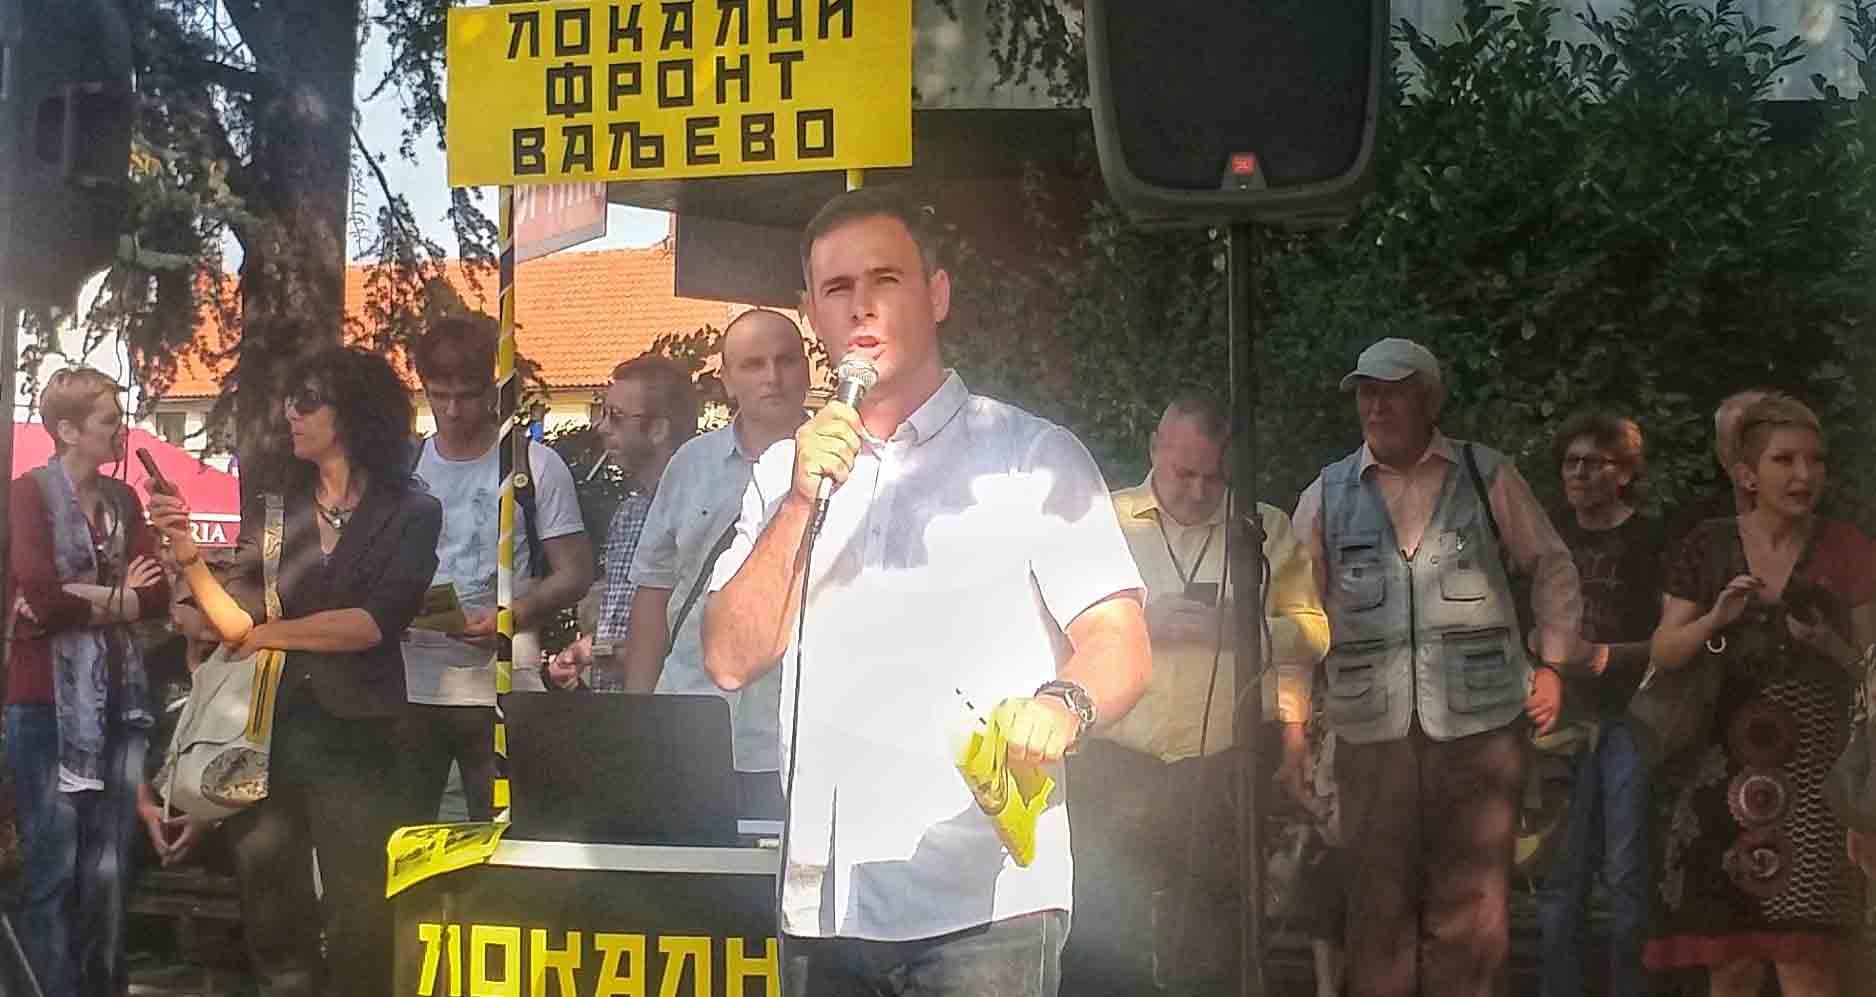 Алексић: Хитно ослободити Обрадовића и сменити Небојшу Стефановића